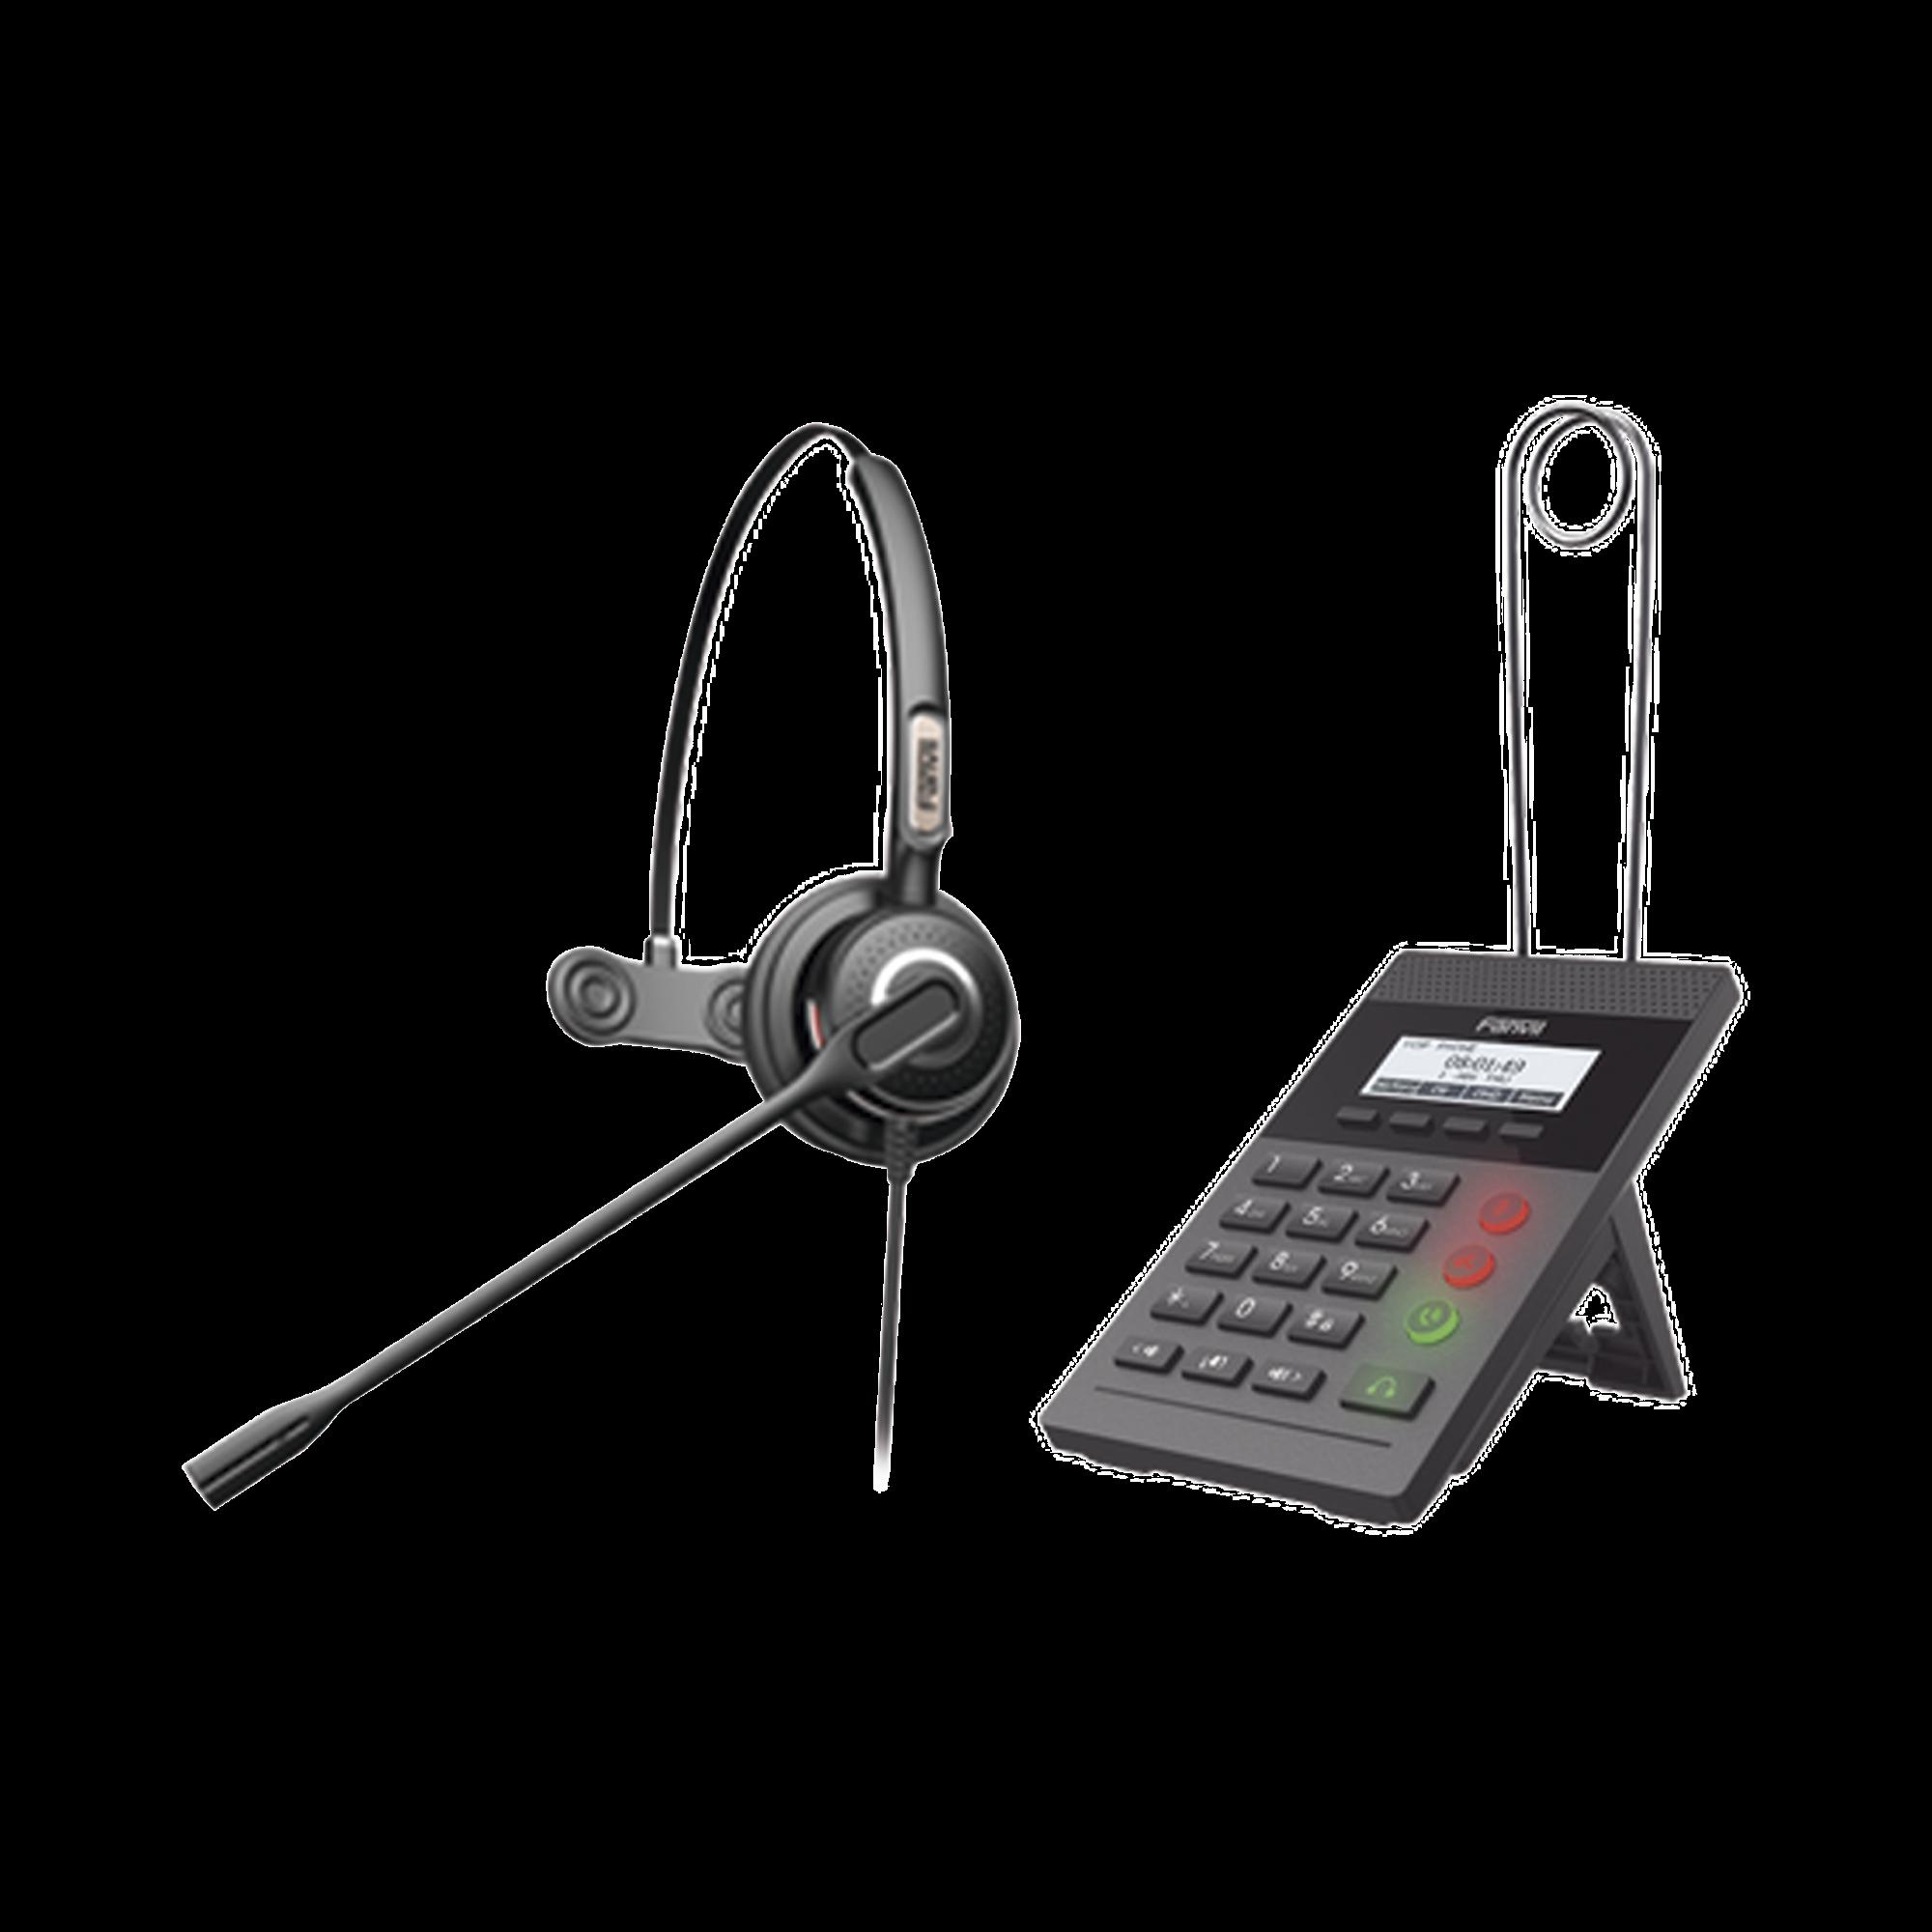 Kit Fanvil para Call Center incluye teléfono IP X2CP Y diadema HT201 y fuente de alimentación.